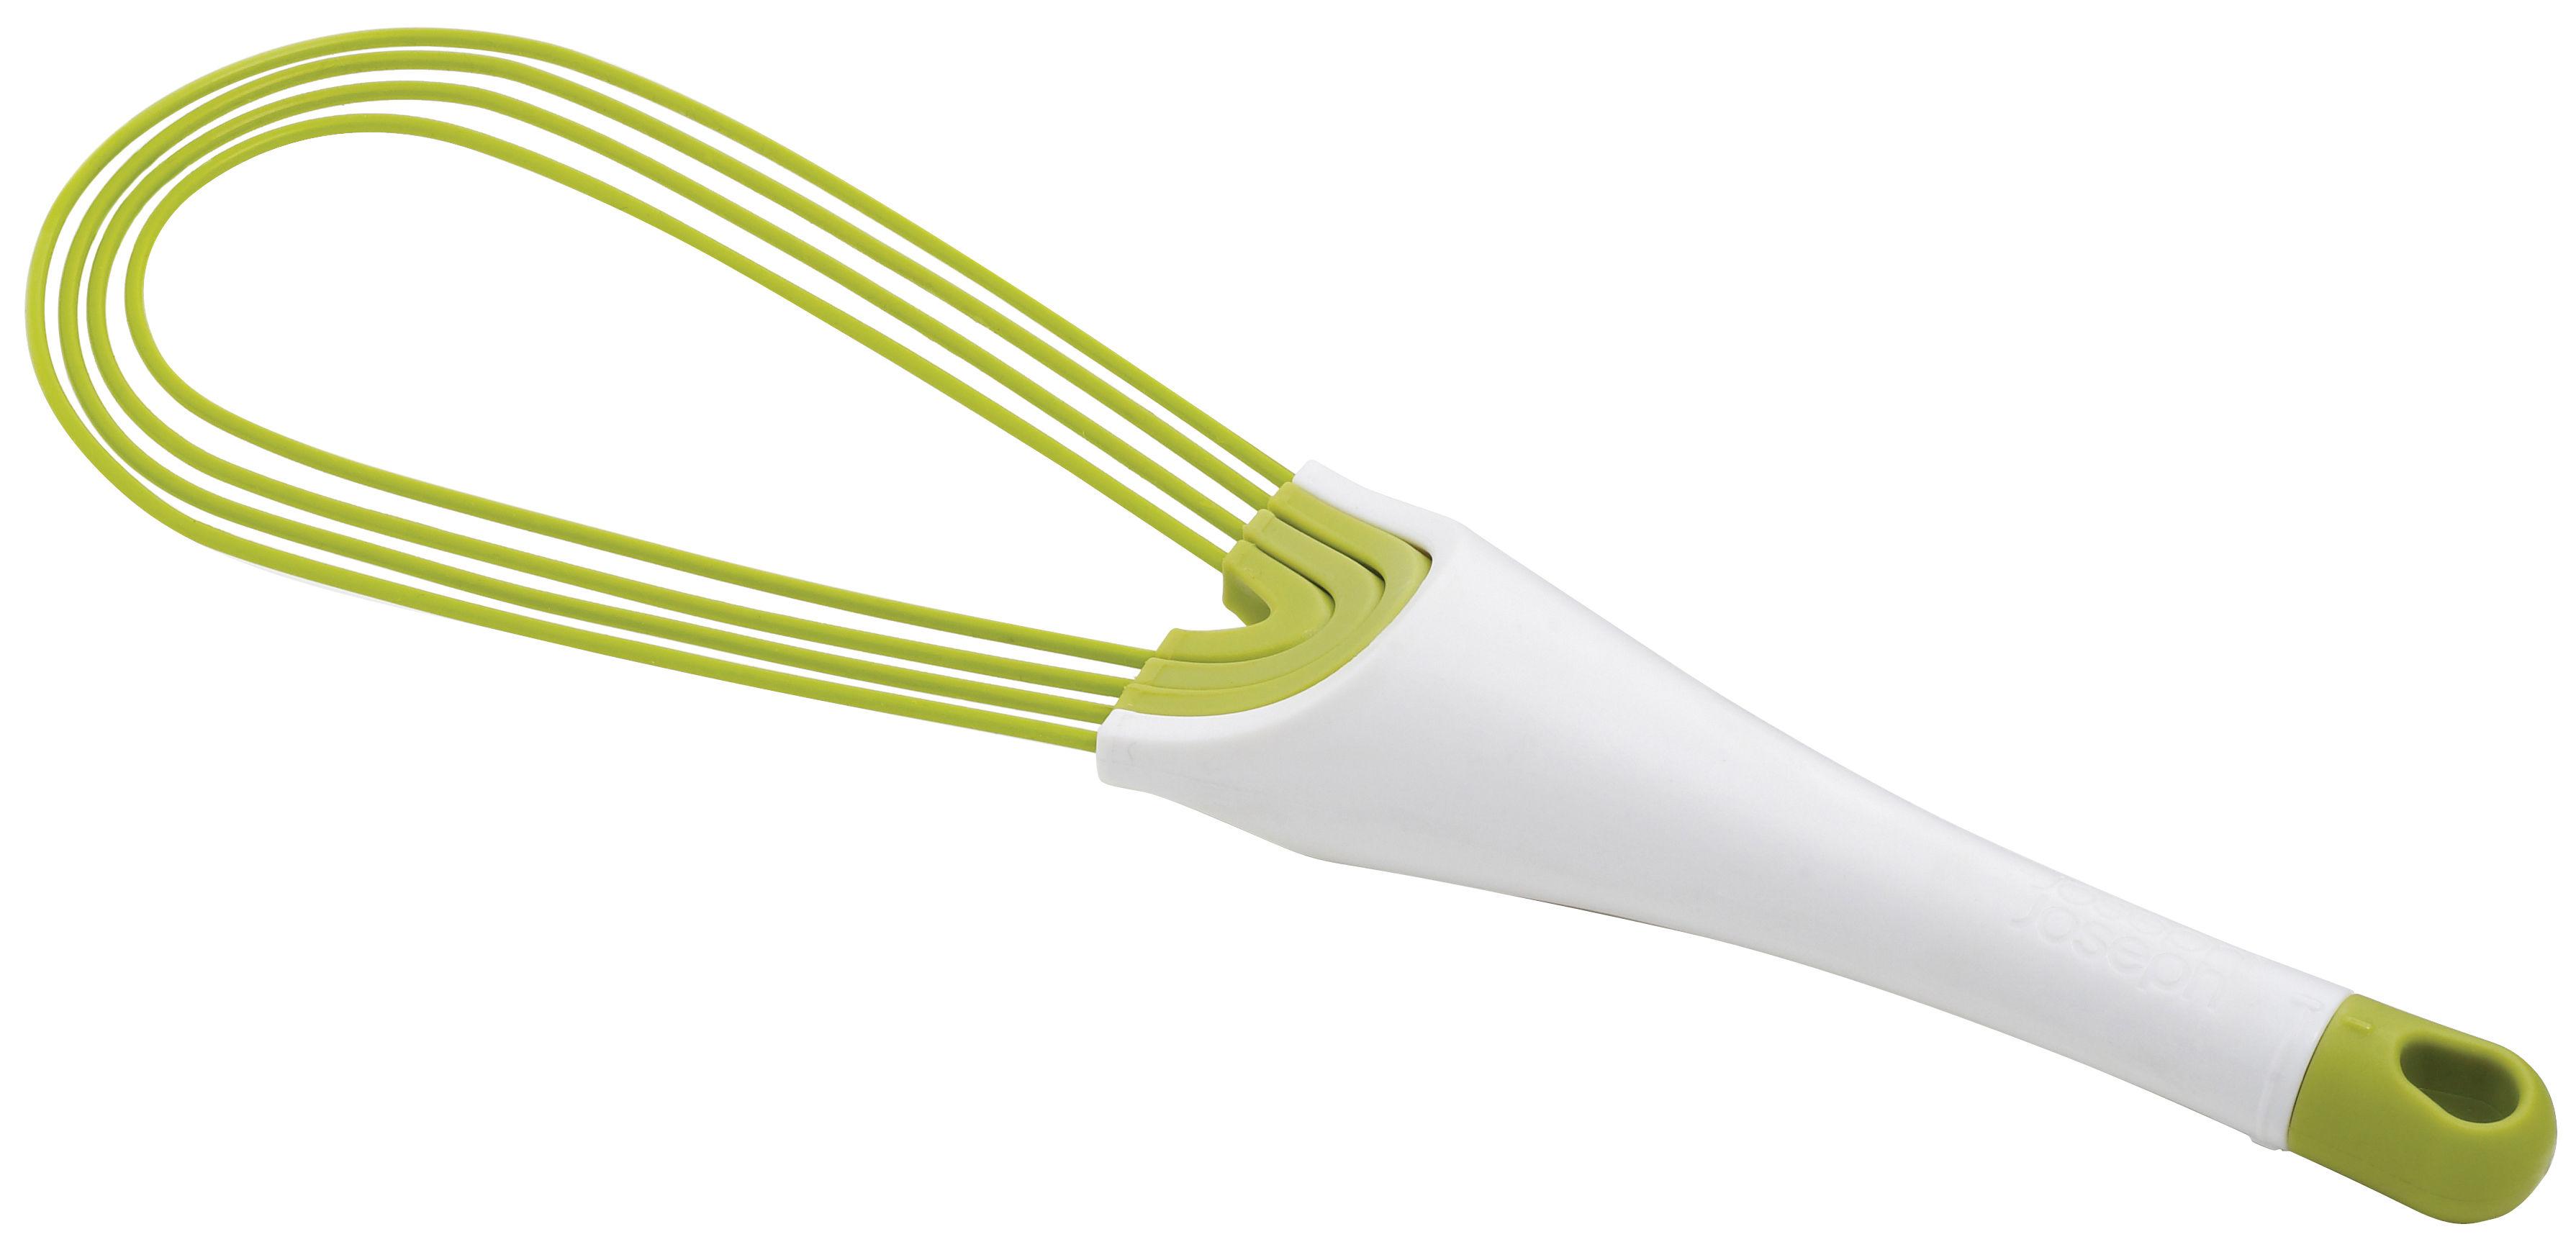 Twist Frusta da cucina - / 2-in-1 Verde by Joseph Joseph | Made In ...